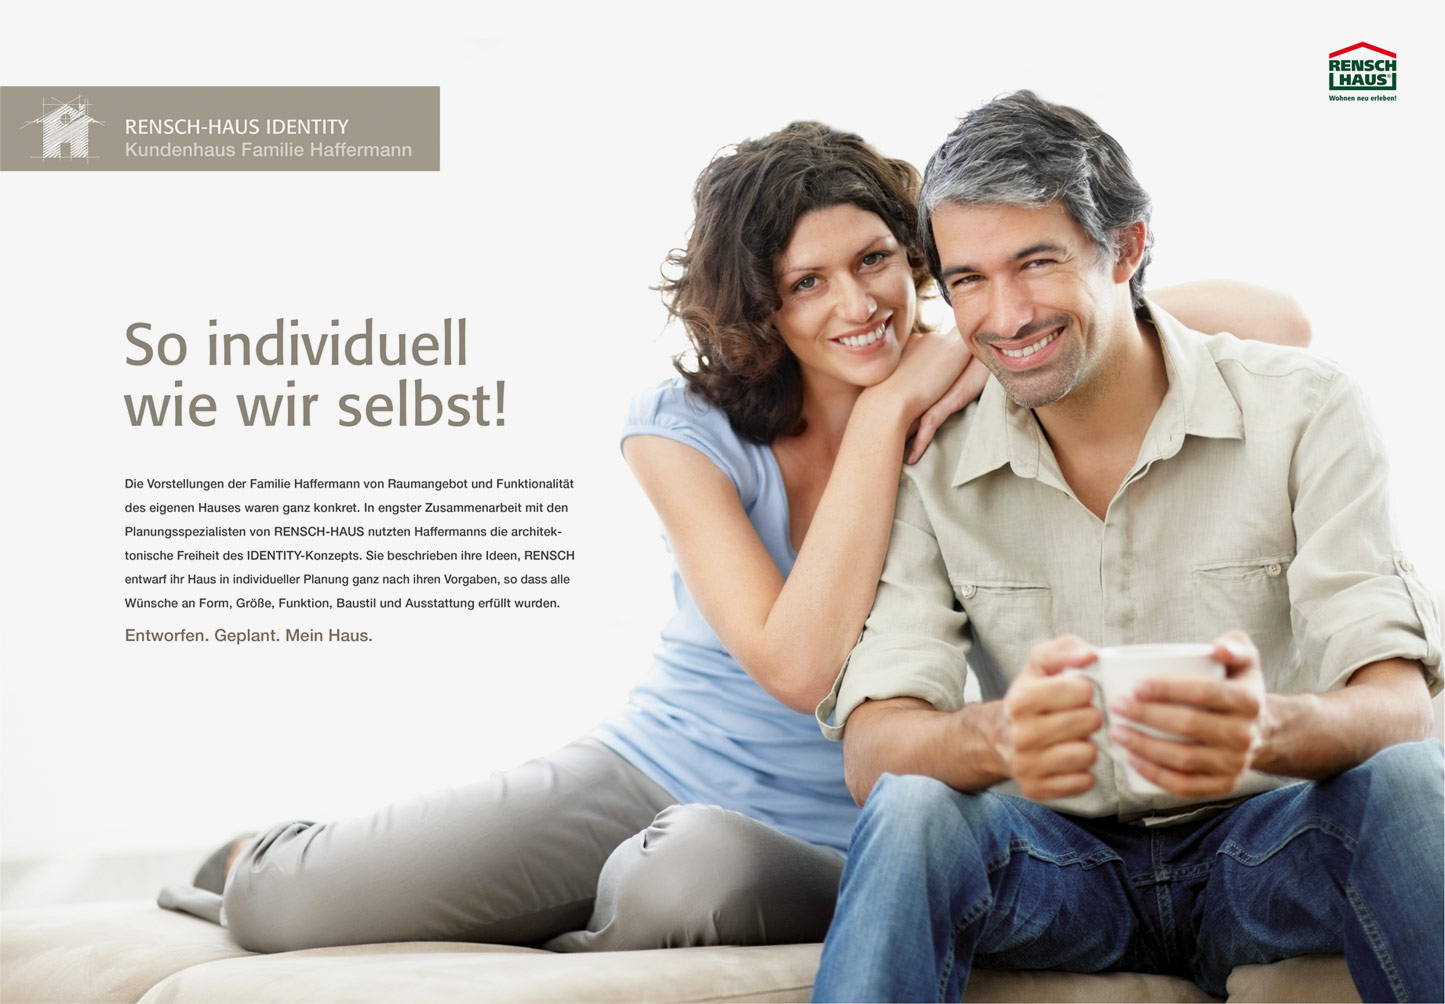 P12-Werbeagentur Referenz RENSCH-Haus Imagebroschuere Moodbild